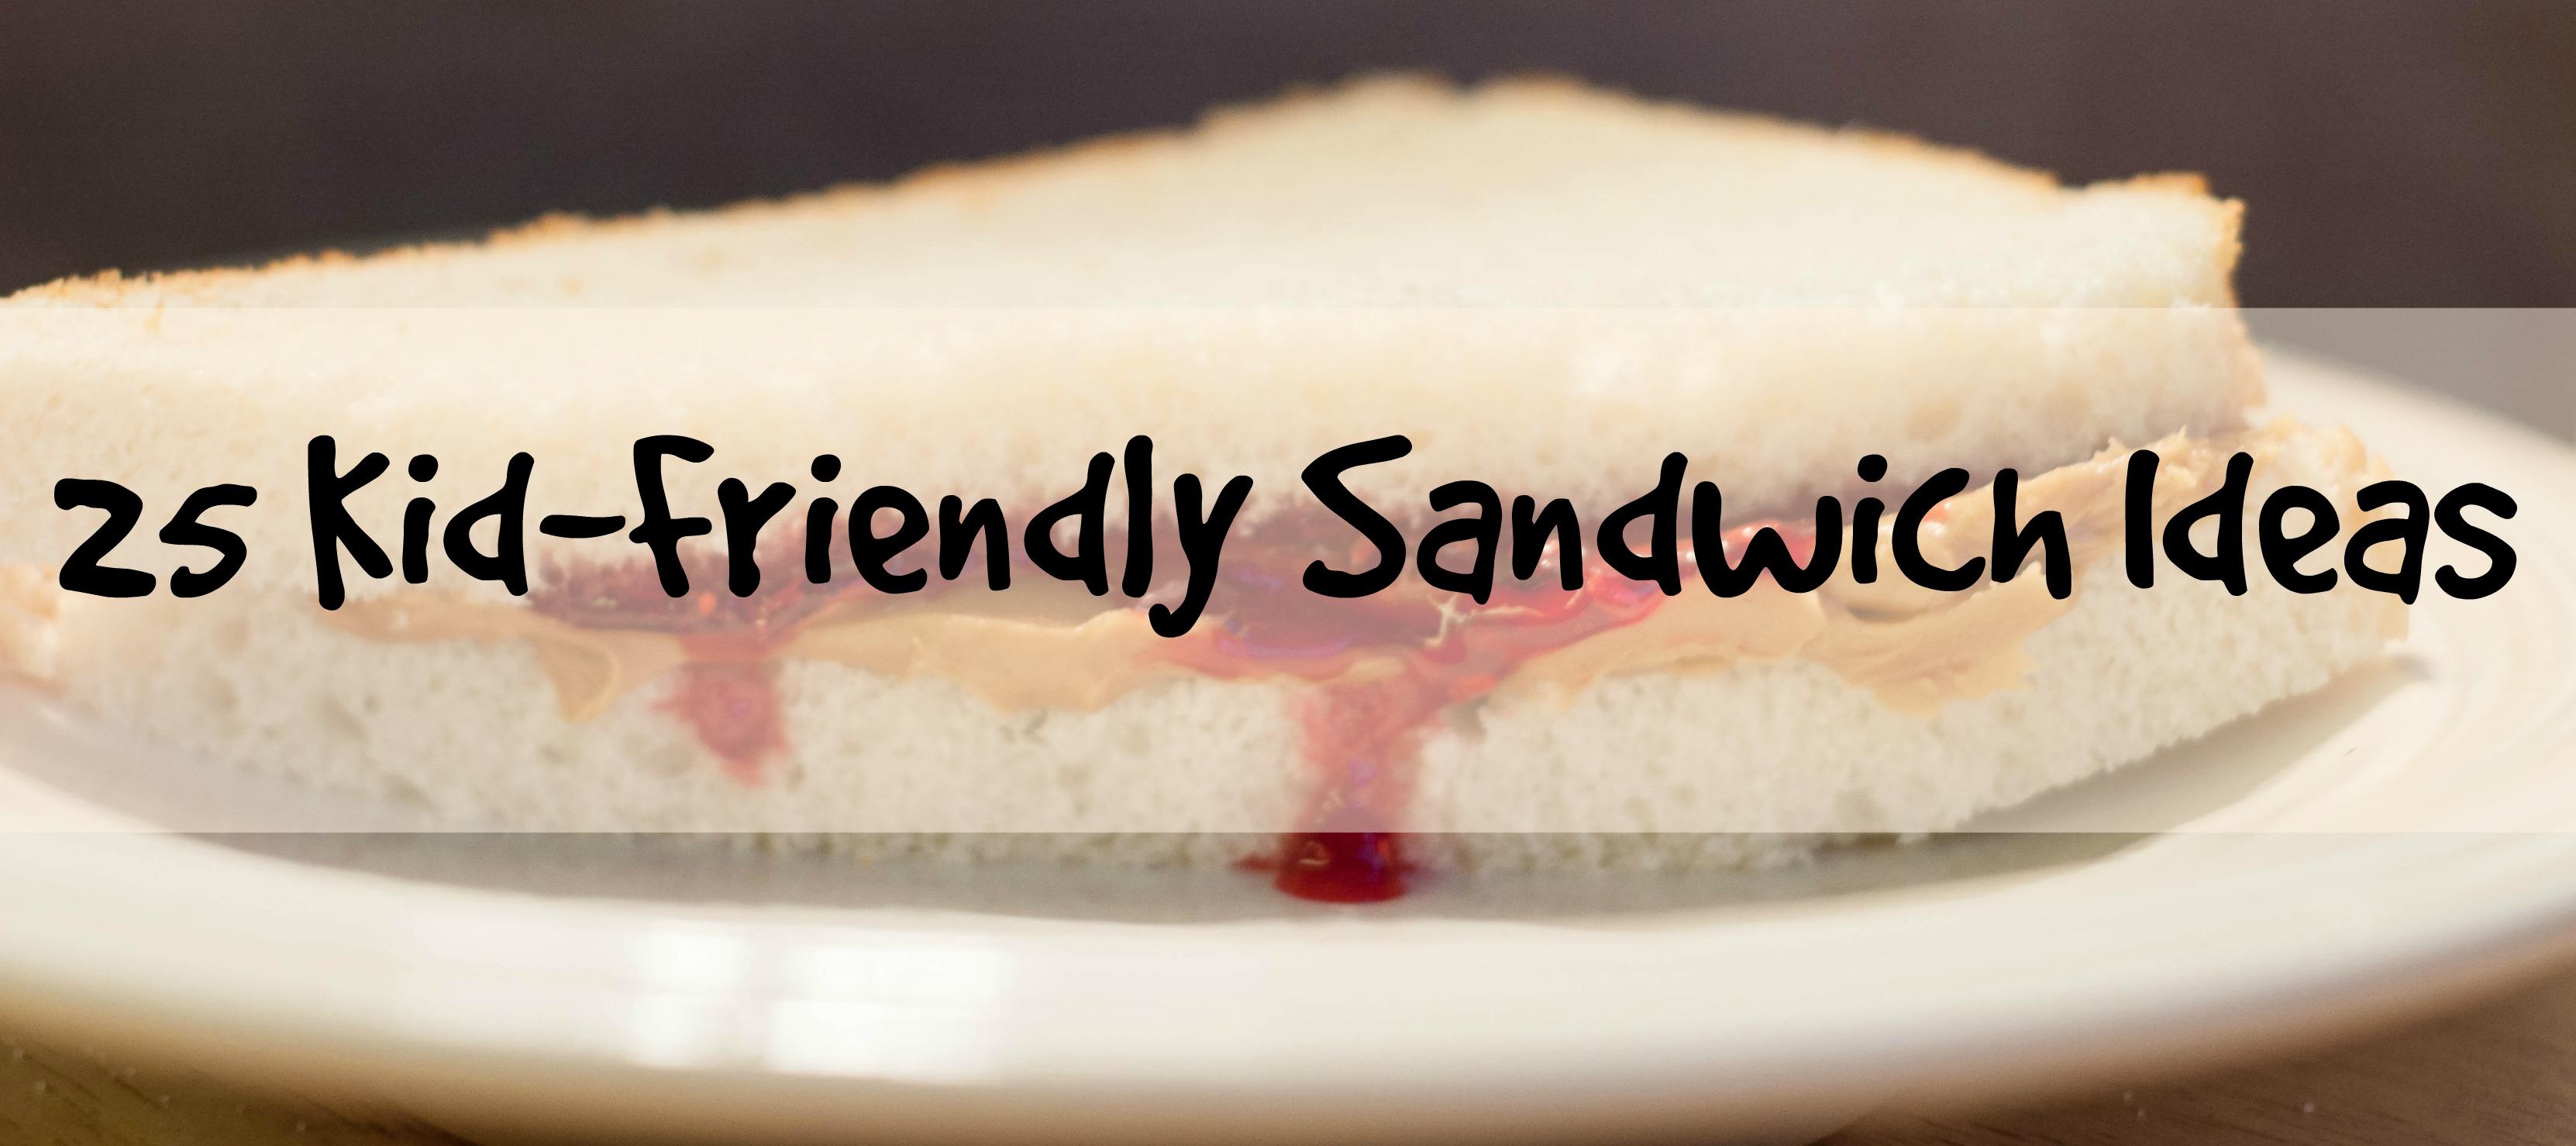 25 Kid Friendly Sandwich Ideas